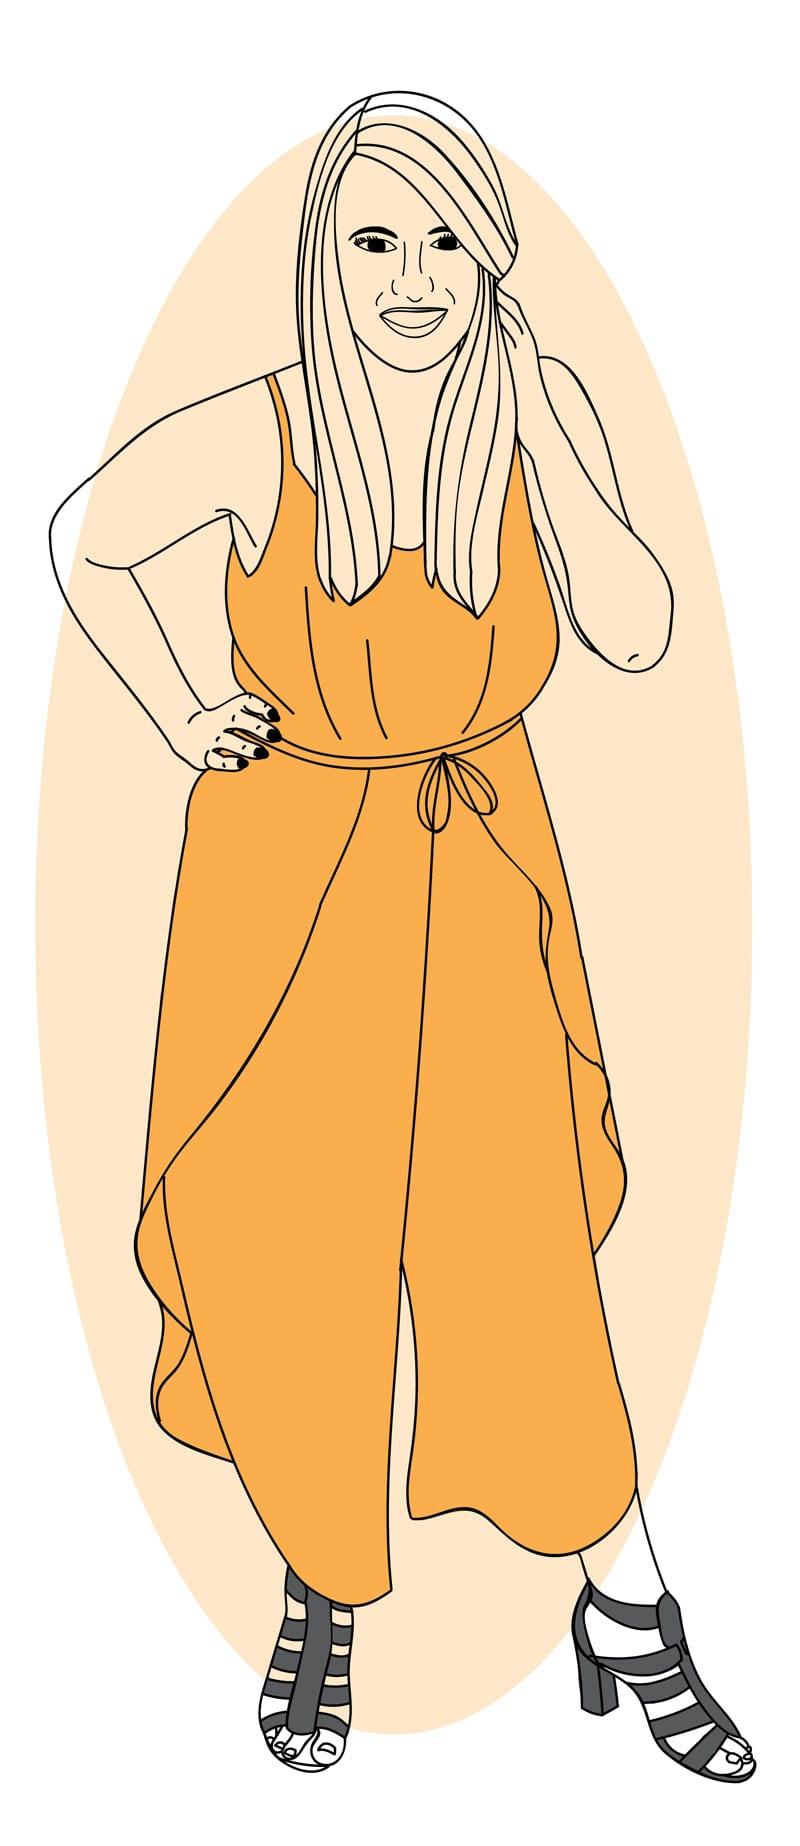 K9 Digital Marketing Team Member Cartoon - Meg